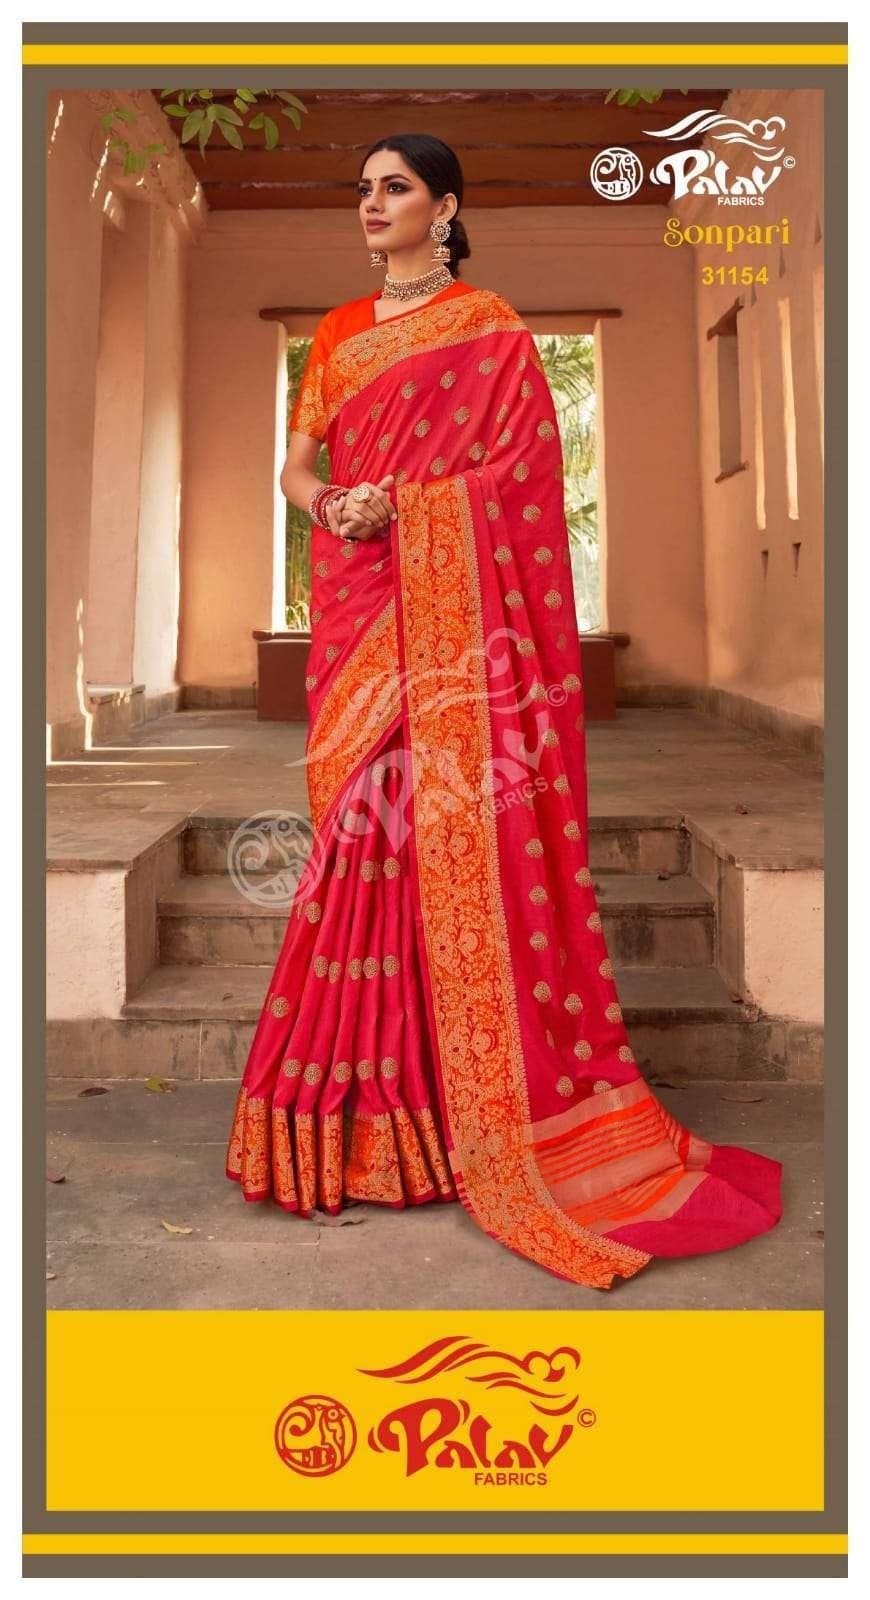 Palav Fabrics Sonpari Silk Traditional Sarees Collection 06